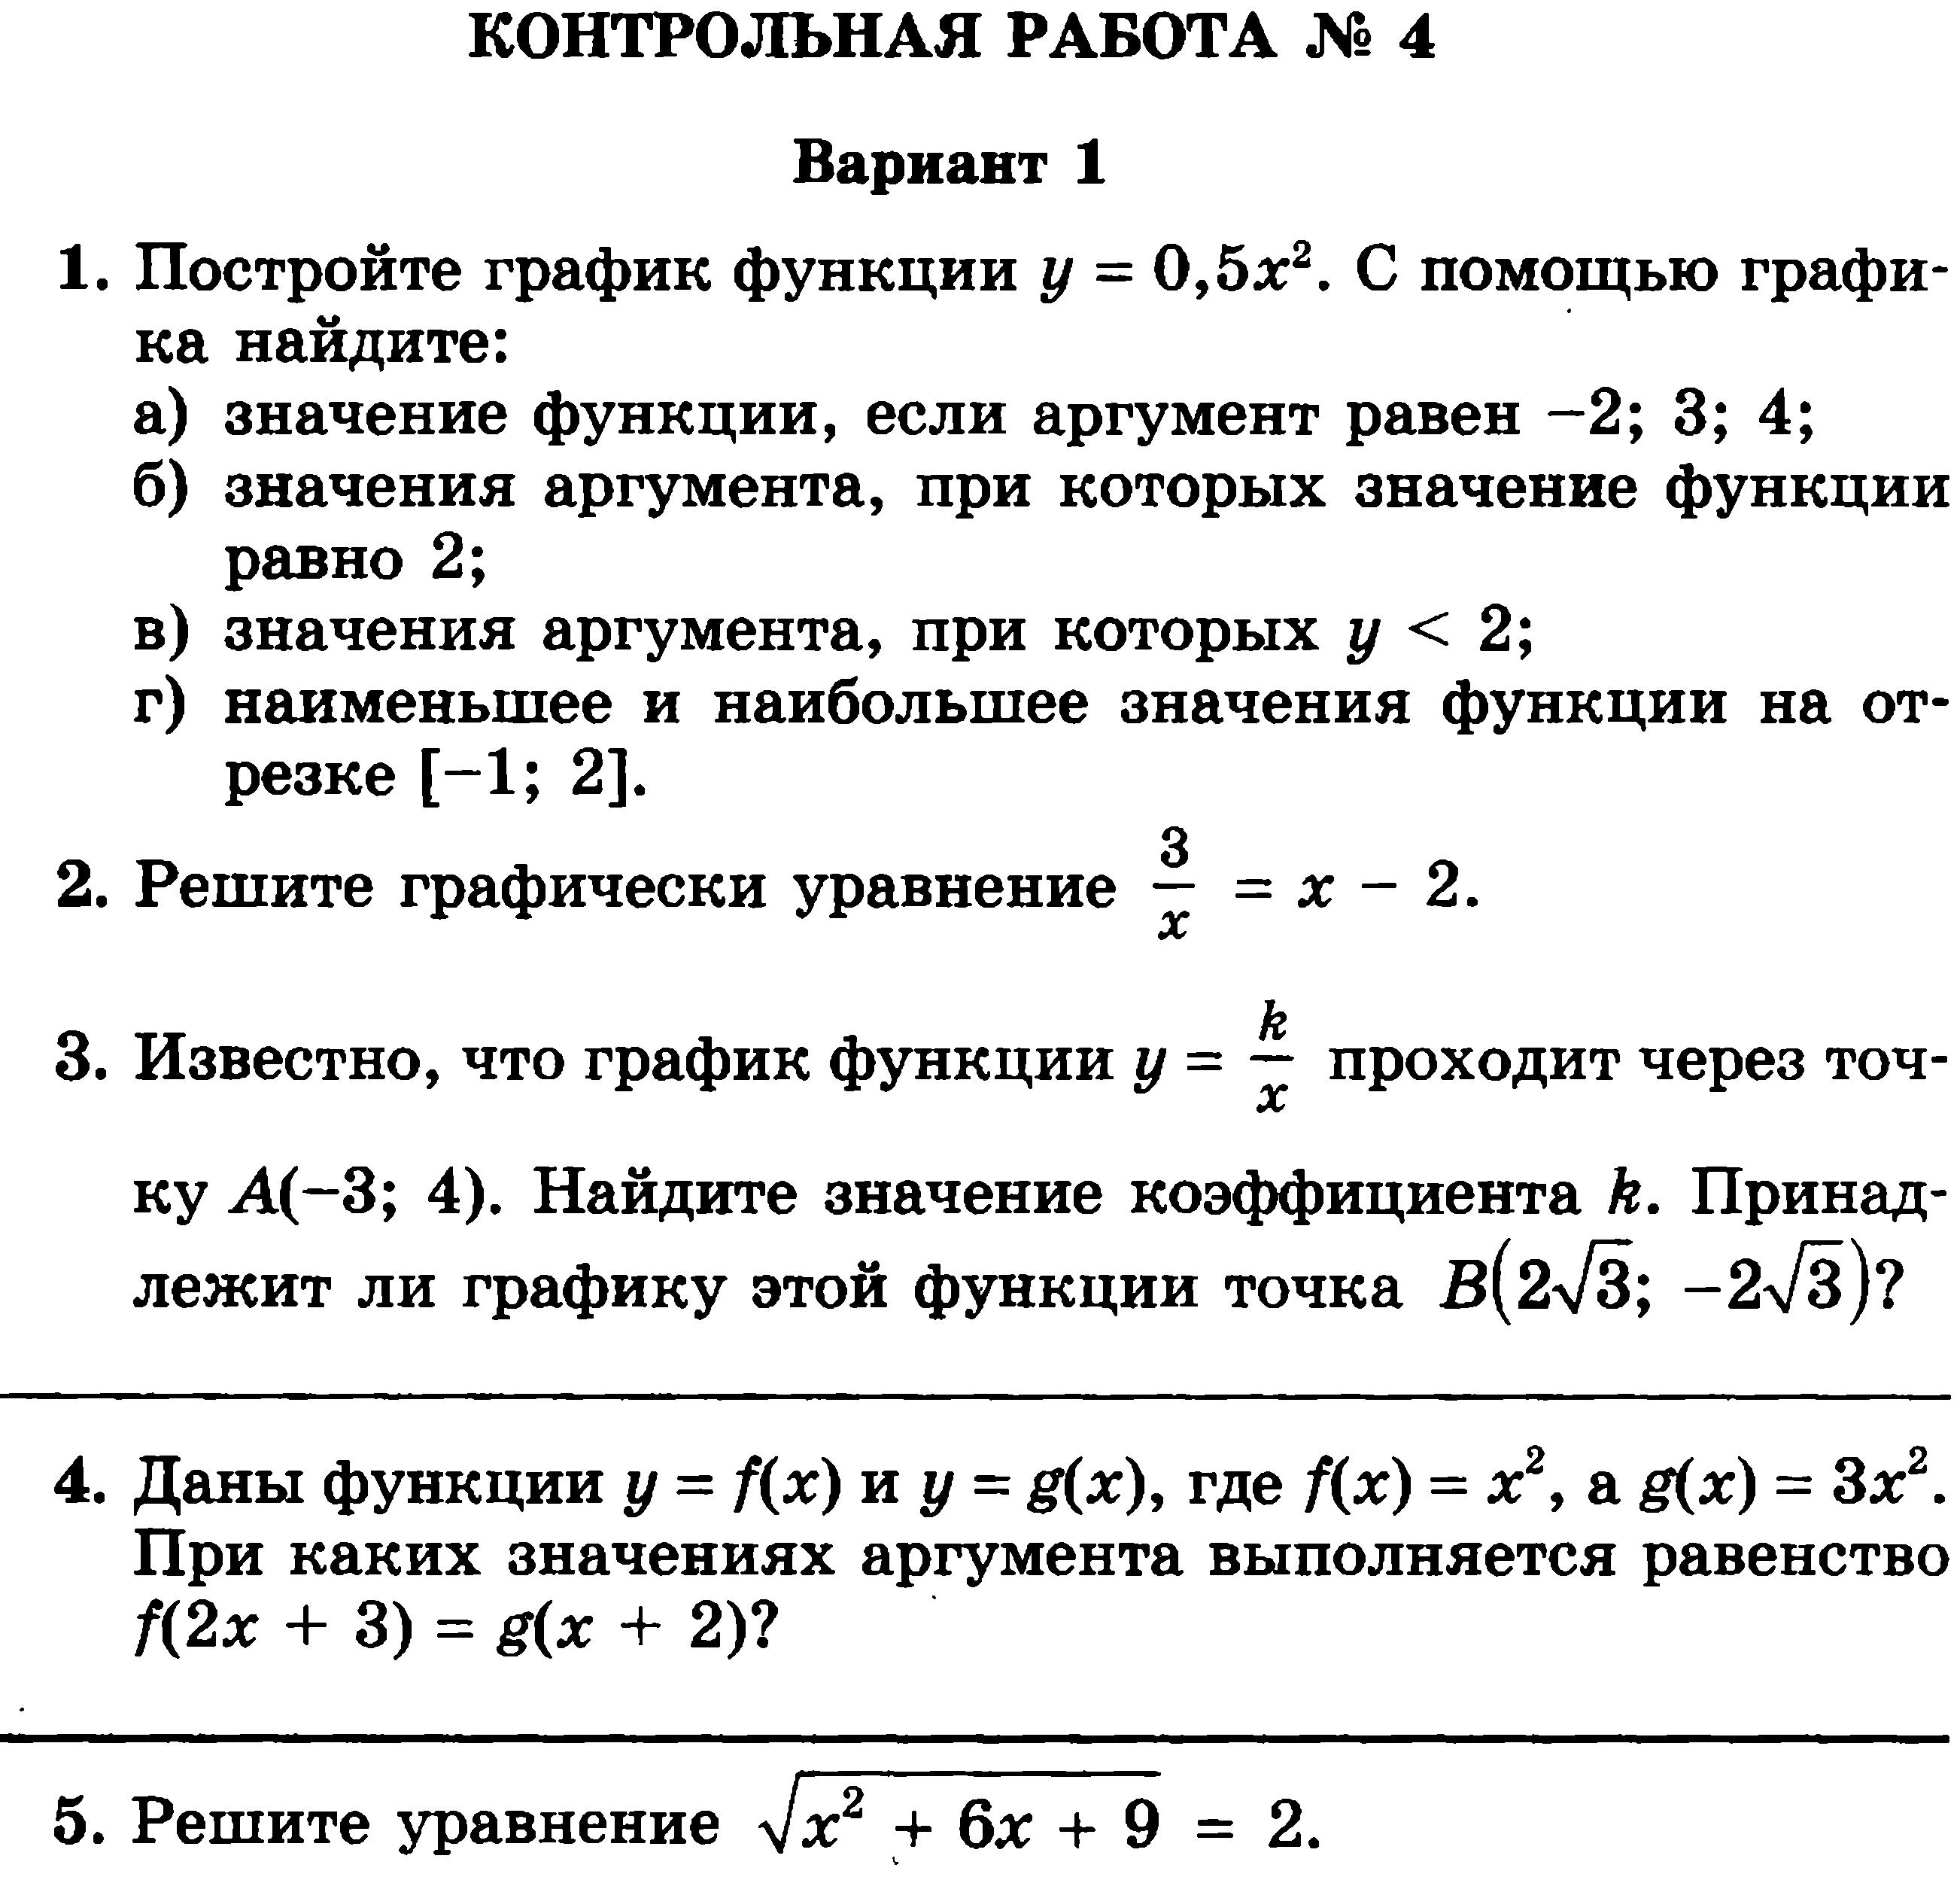 решебники по алгебре контрольные работы 8 класс